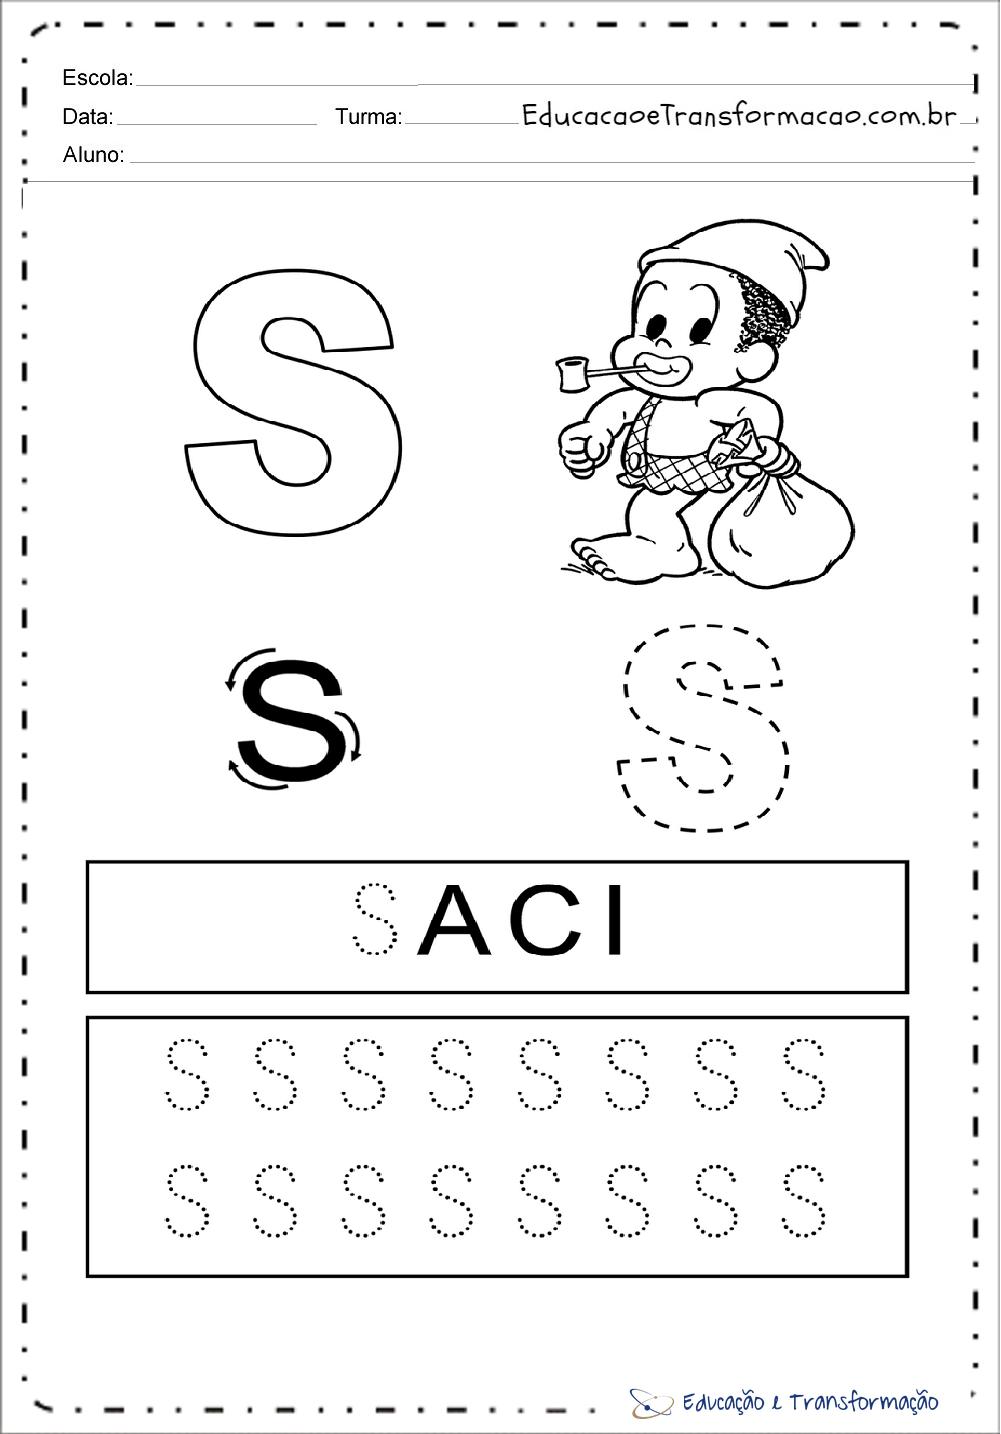 Atividades com a Letra S - Pontilhado (Tracejado)